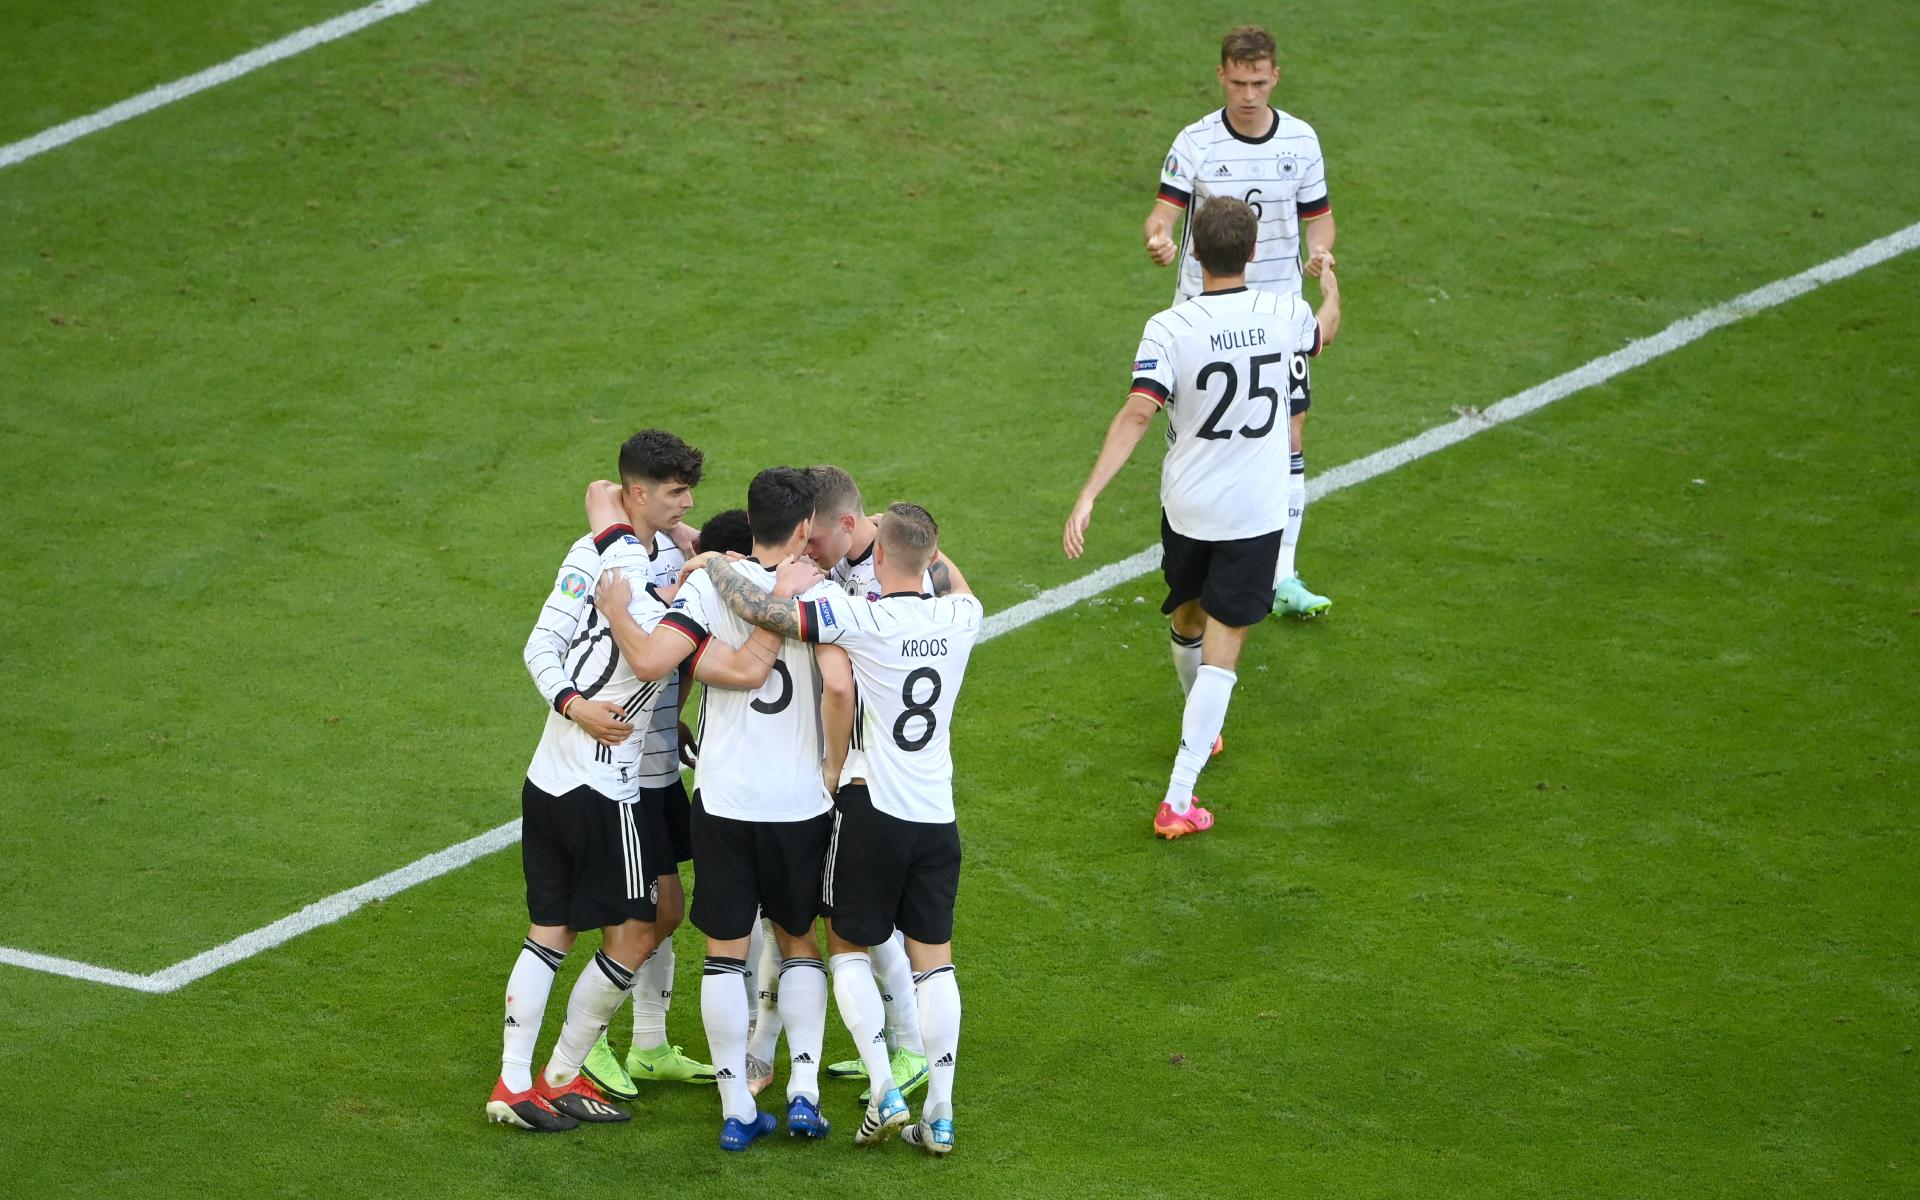 Фото:Игроки сборной Германии (Matthias Hangst/Getty Images)